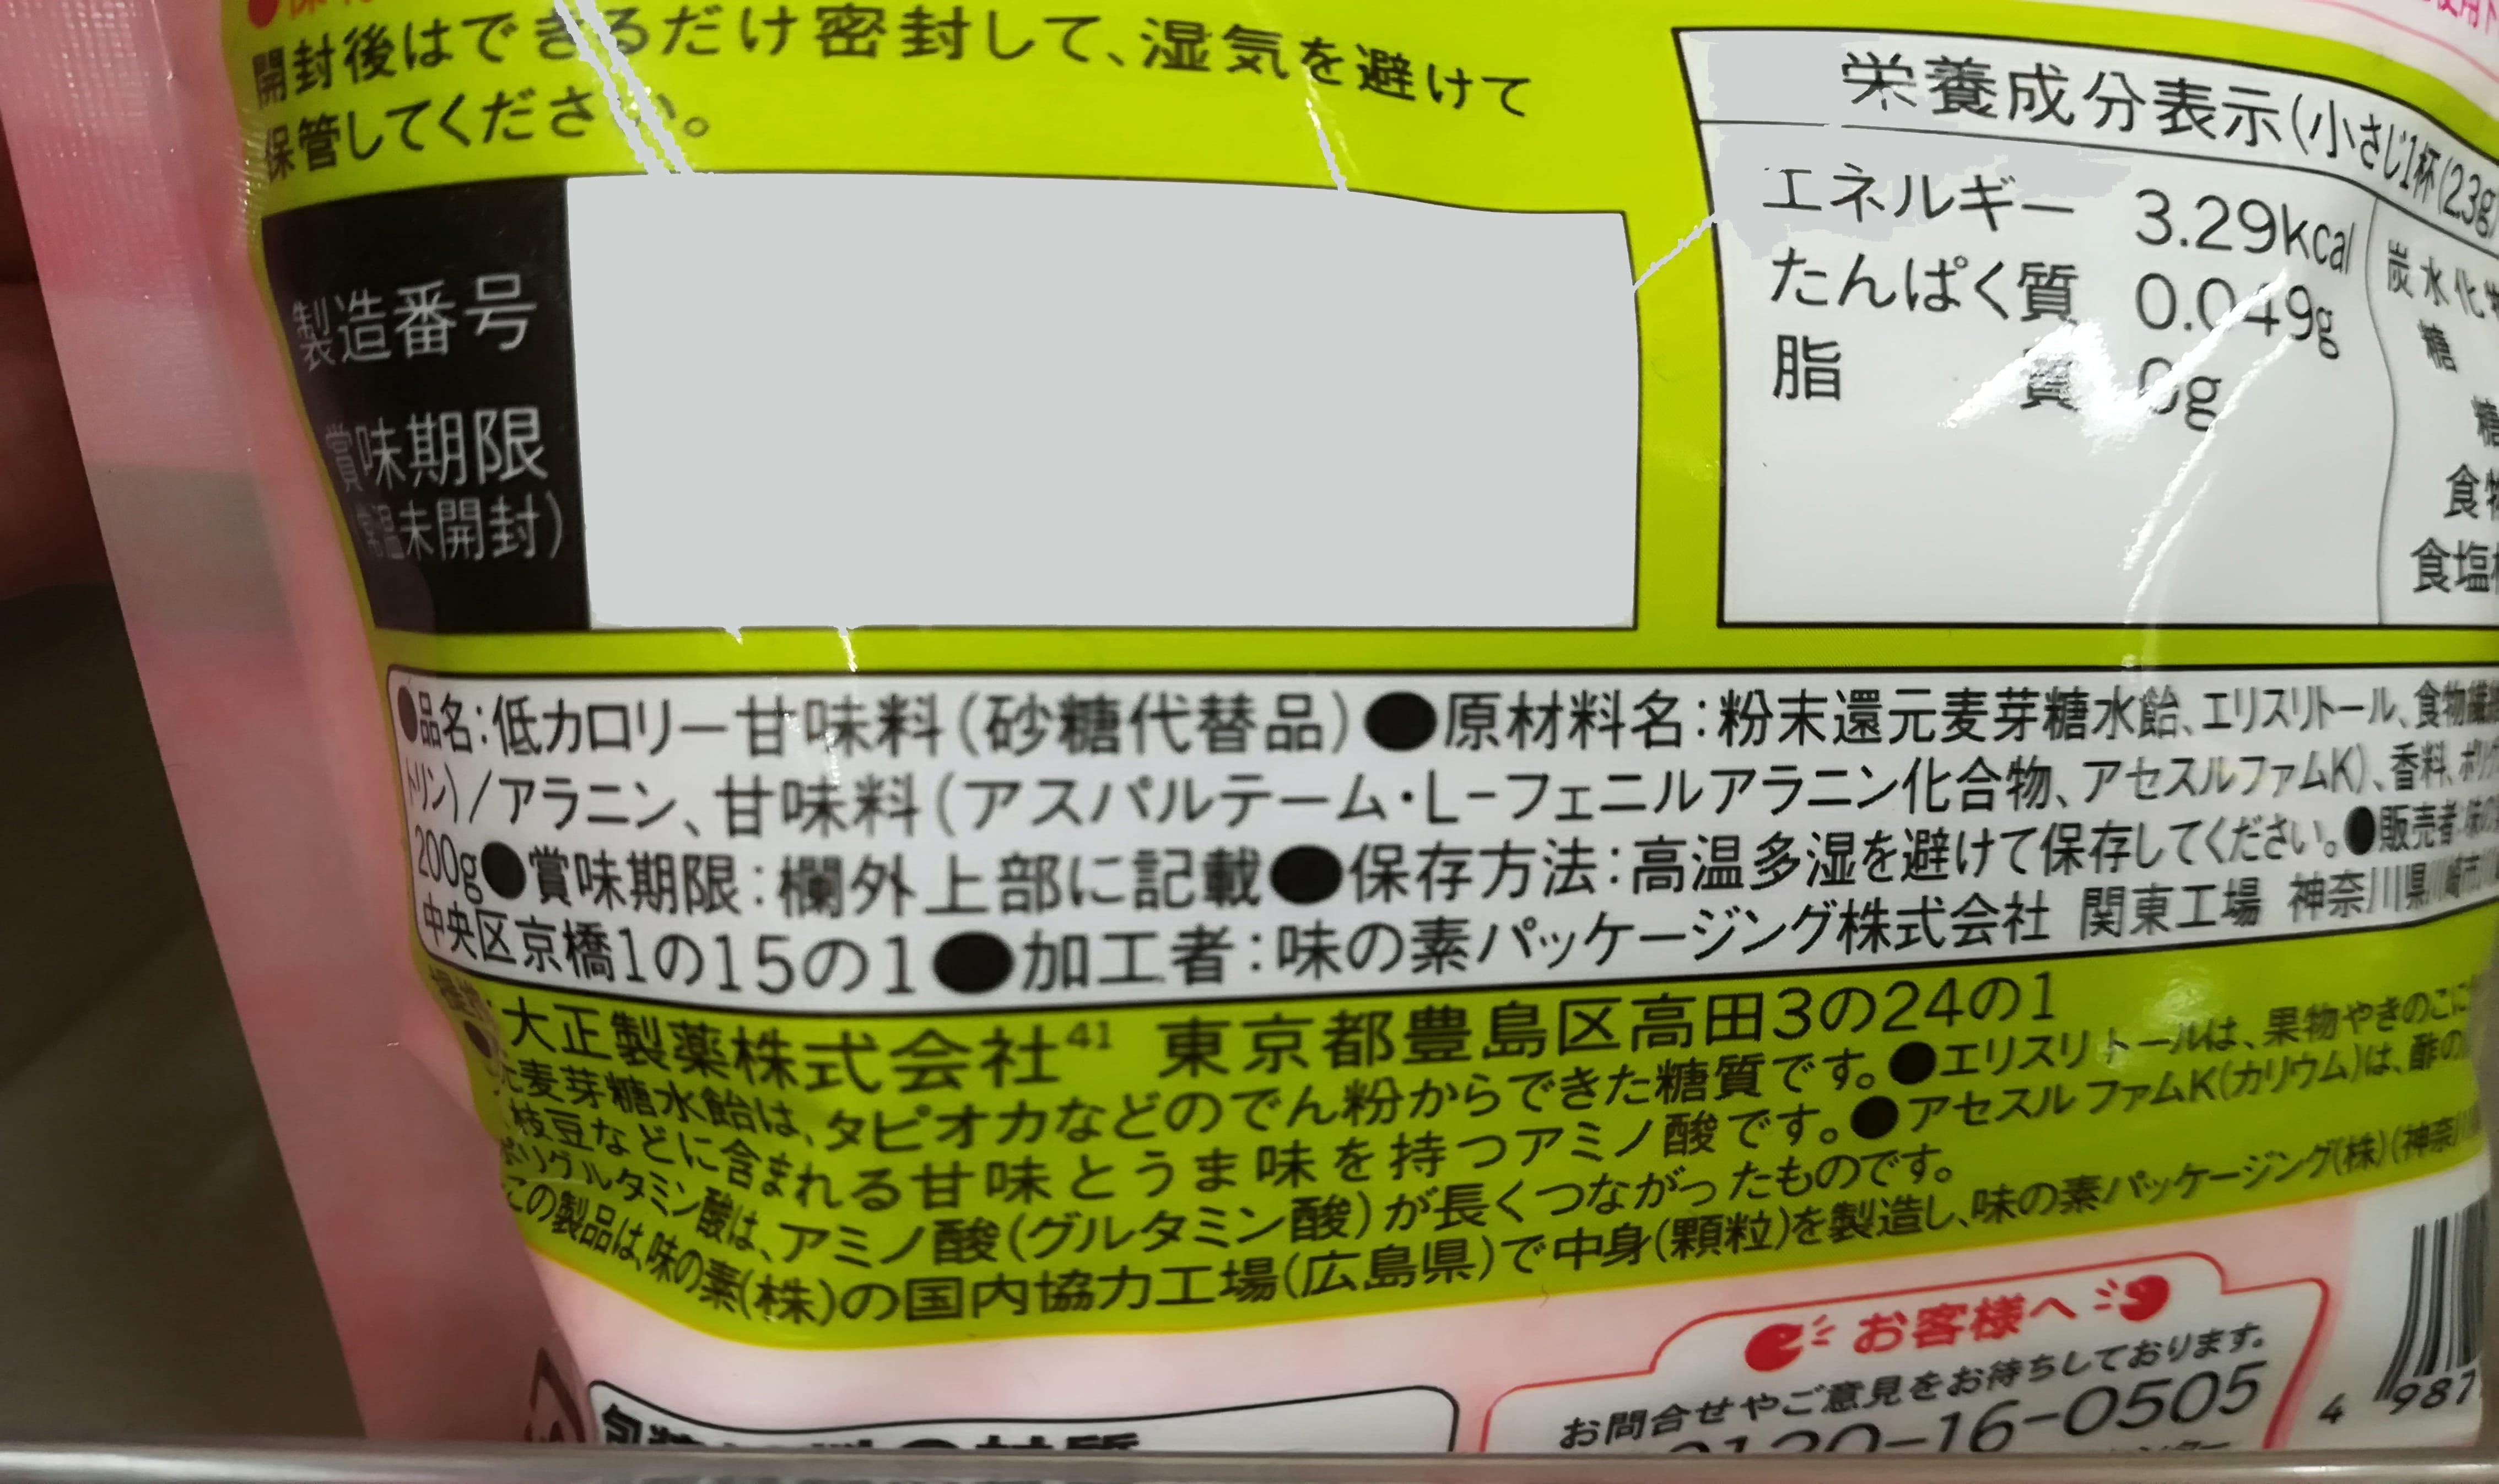 アスパルテーム含有人工甘味料